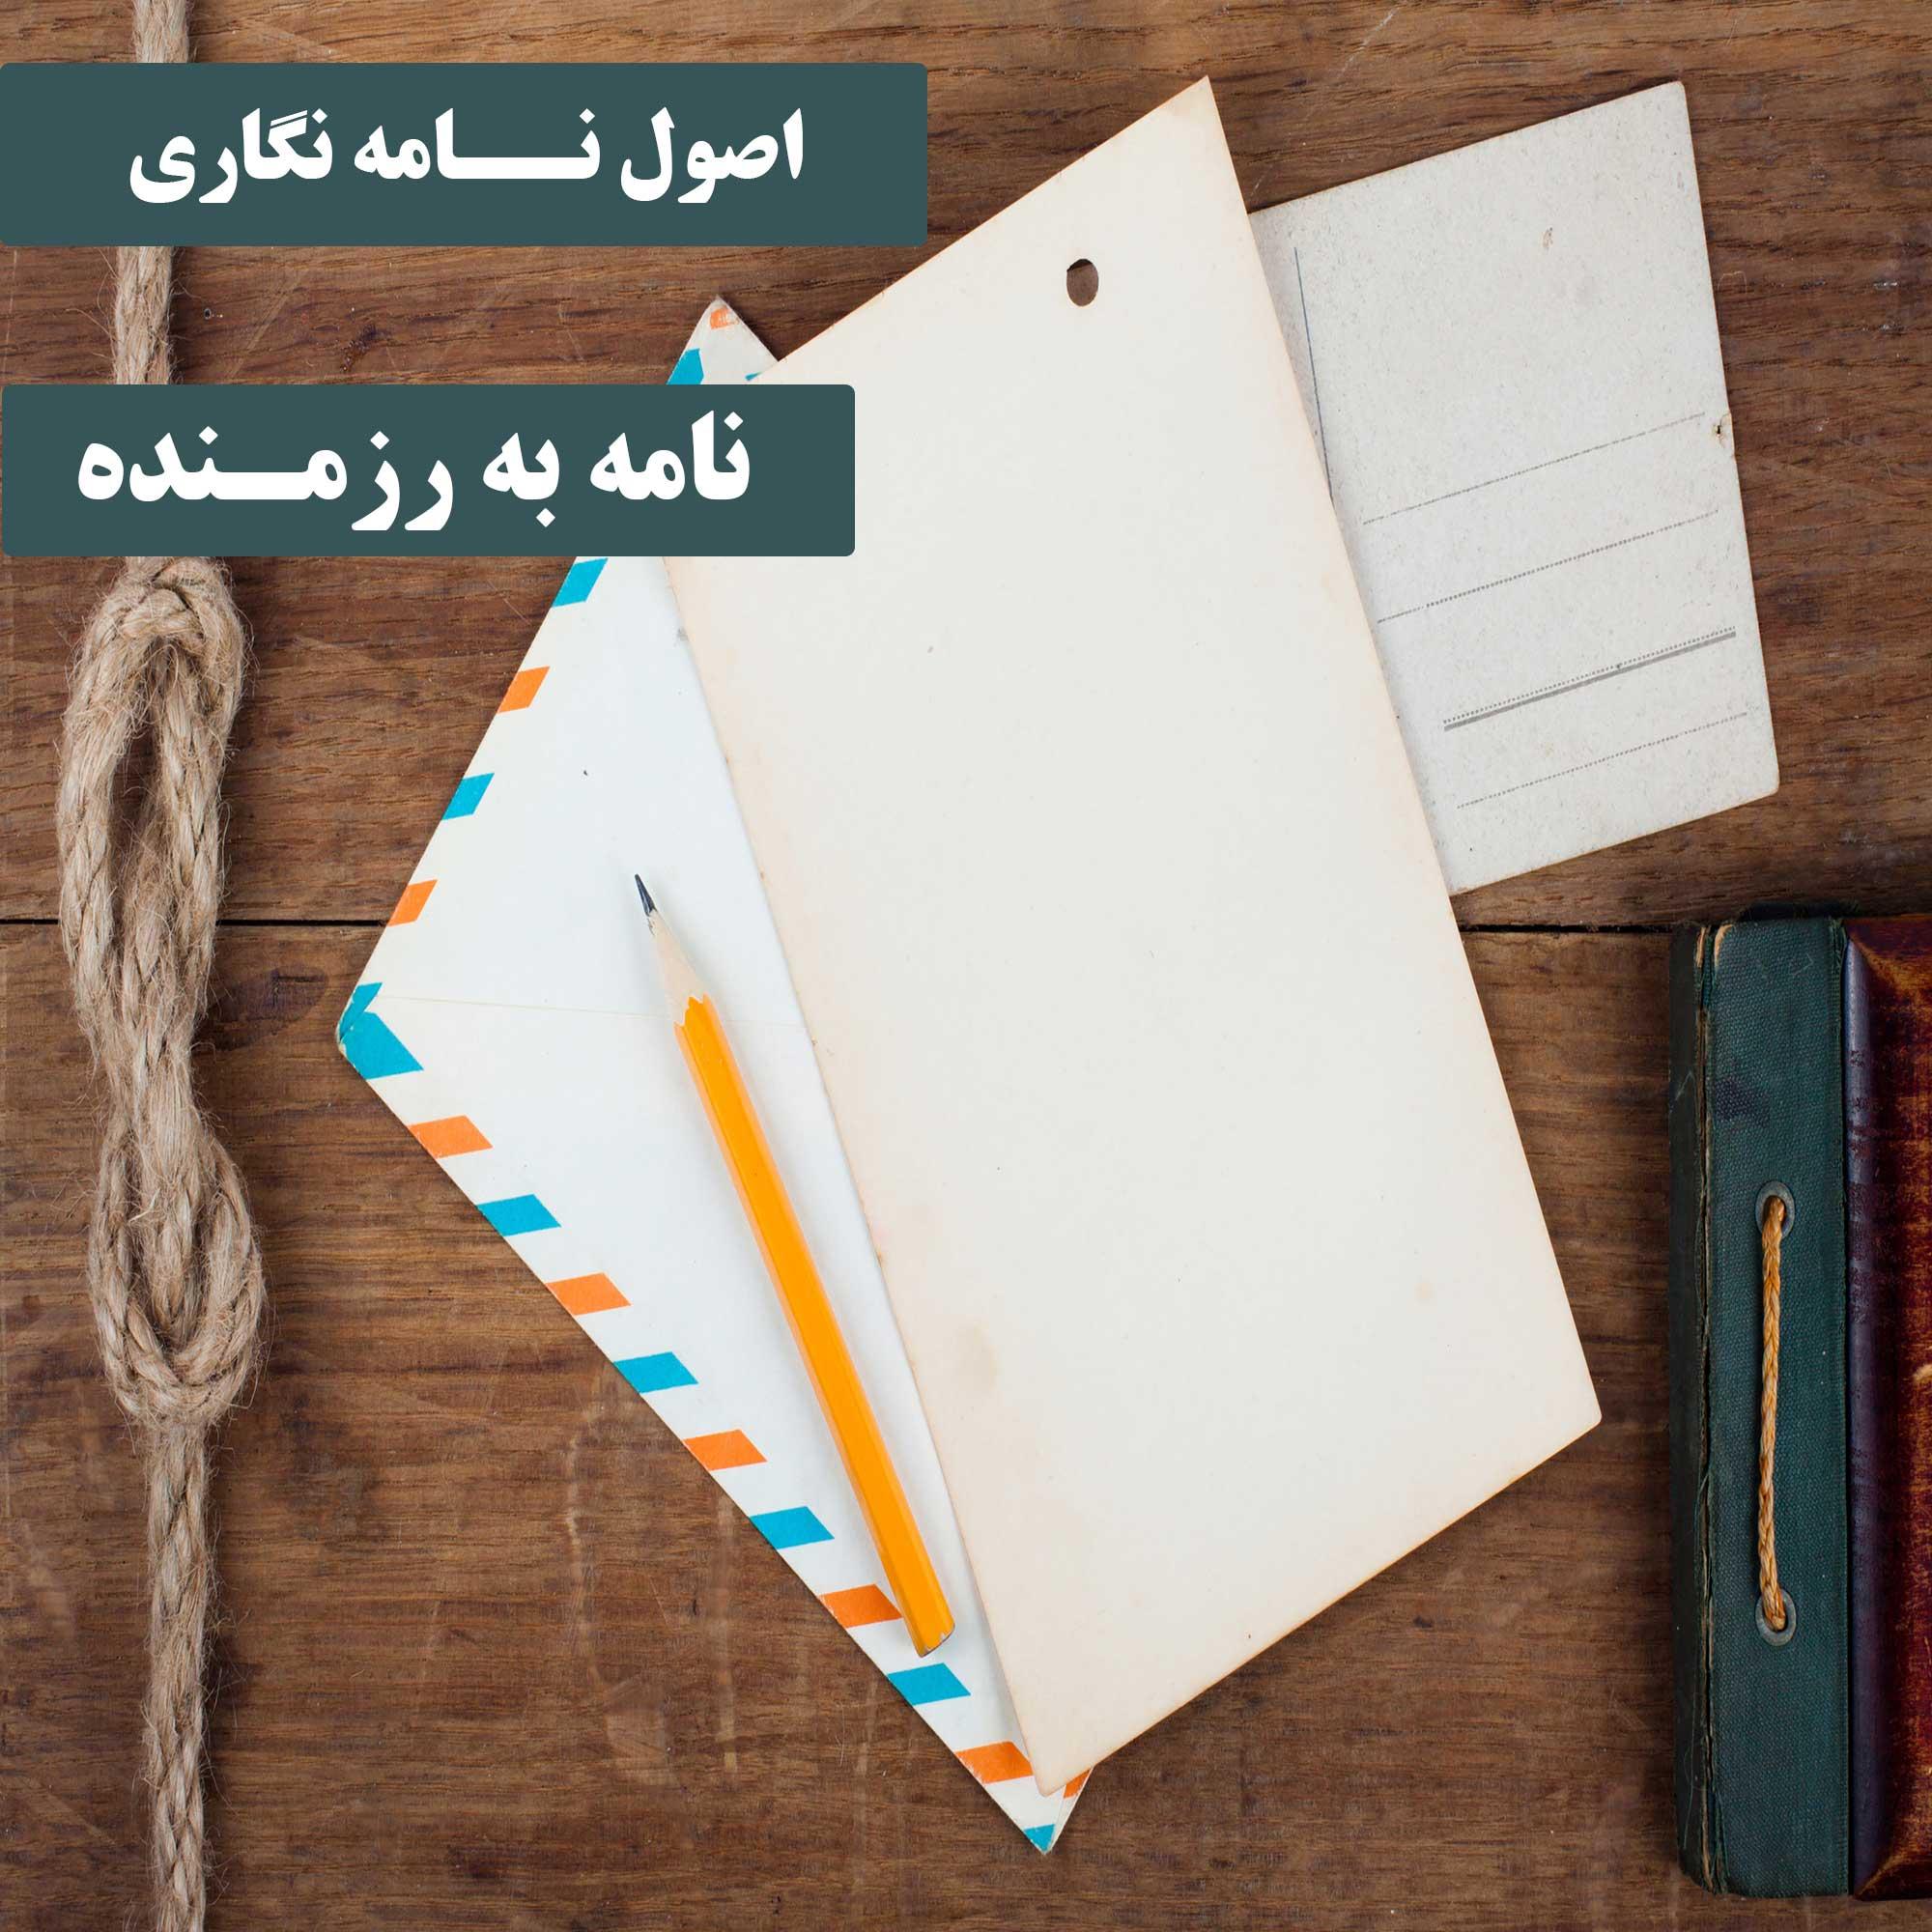 نامه به رزمنده